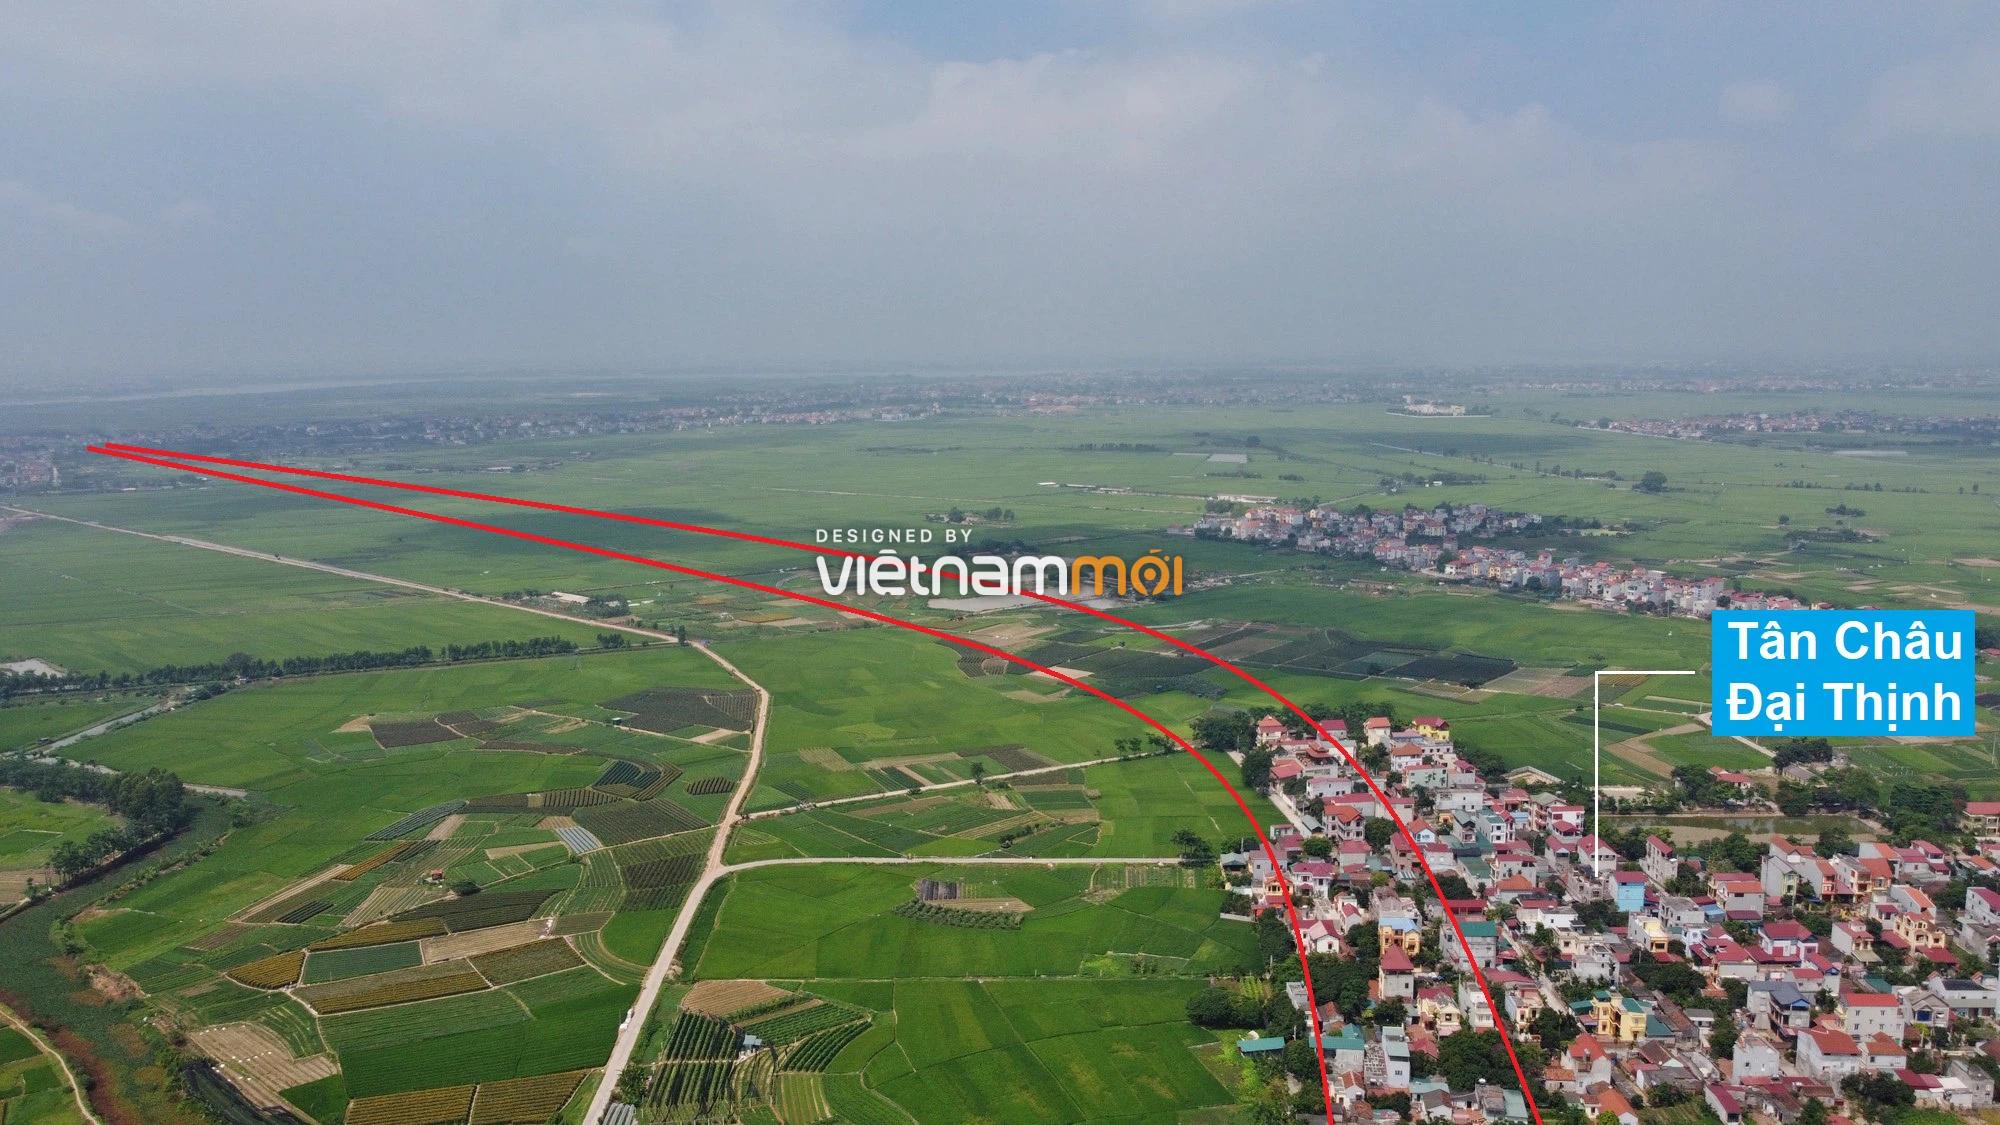 Đường Vành đai 4 sẽ mở theo quy hoạch qua huyện Mê Linh, Hà Nội - Ảnh 4.